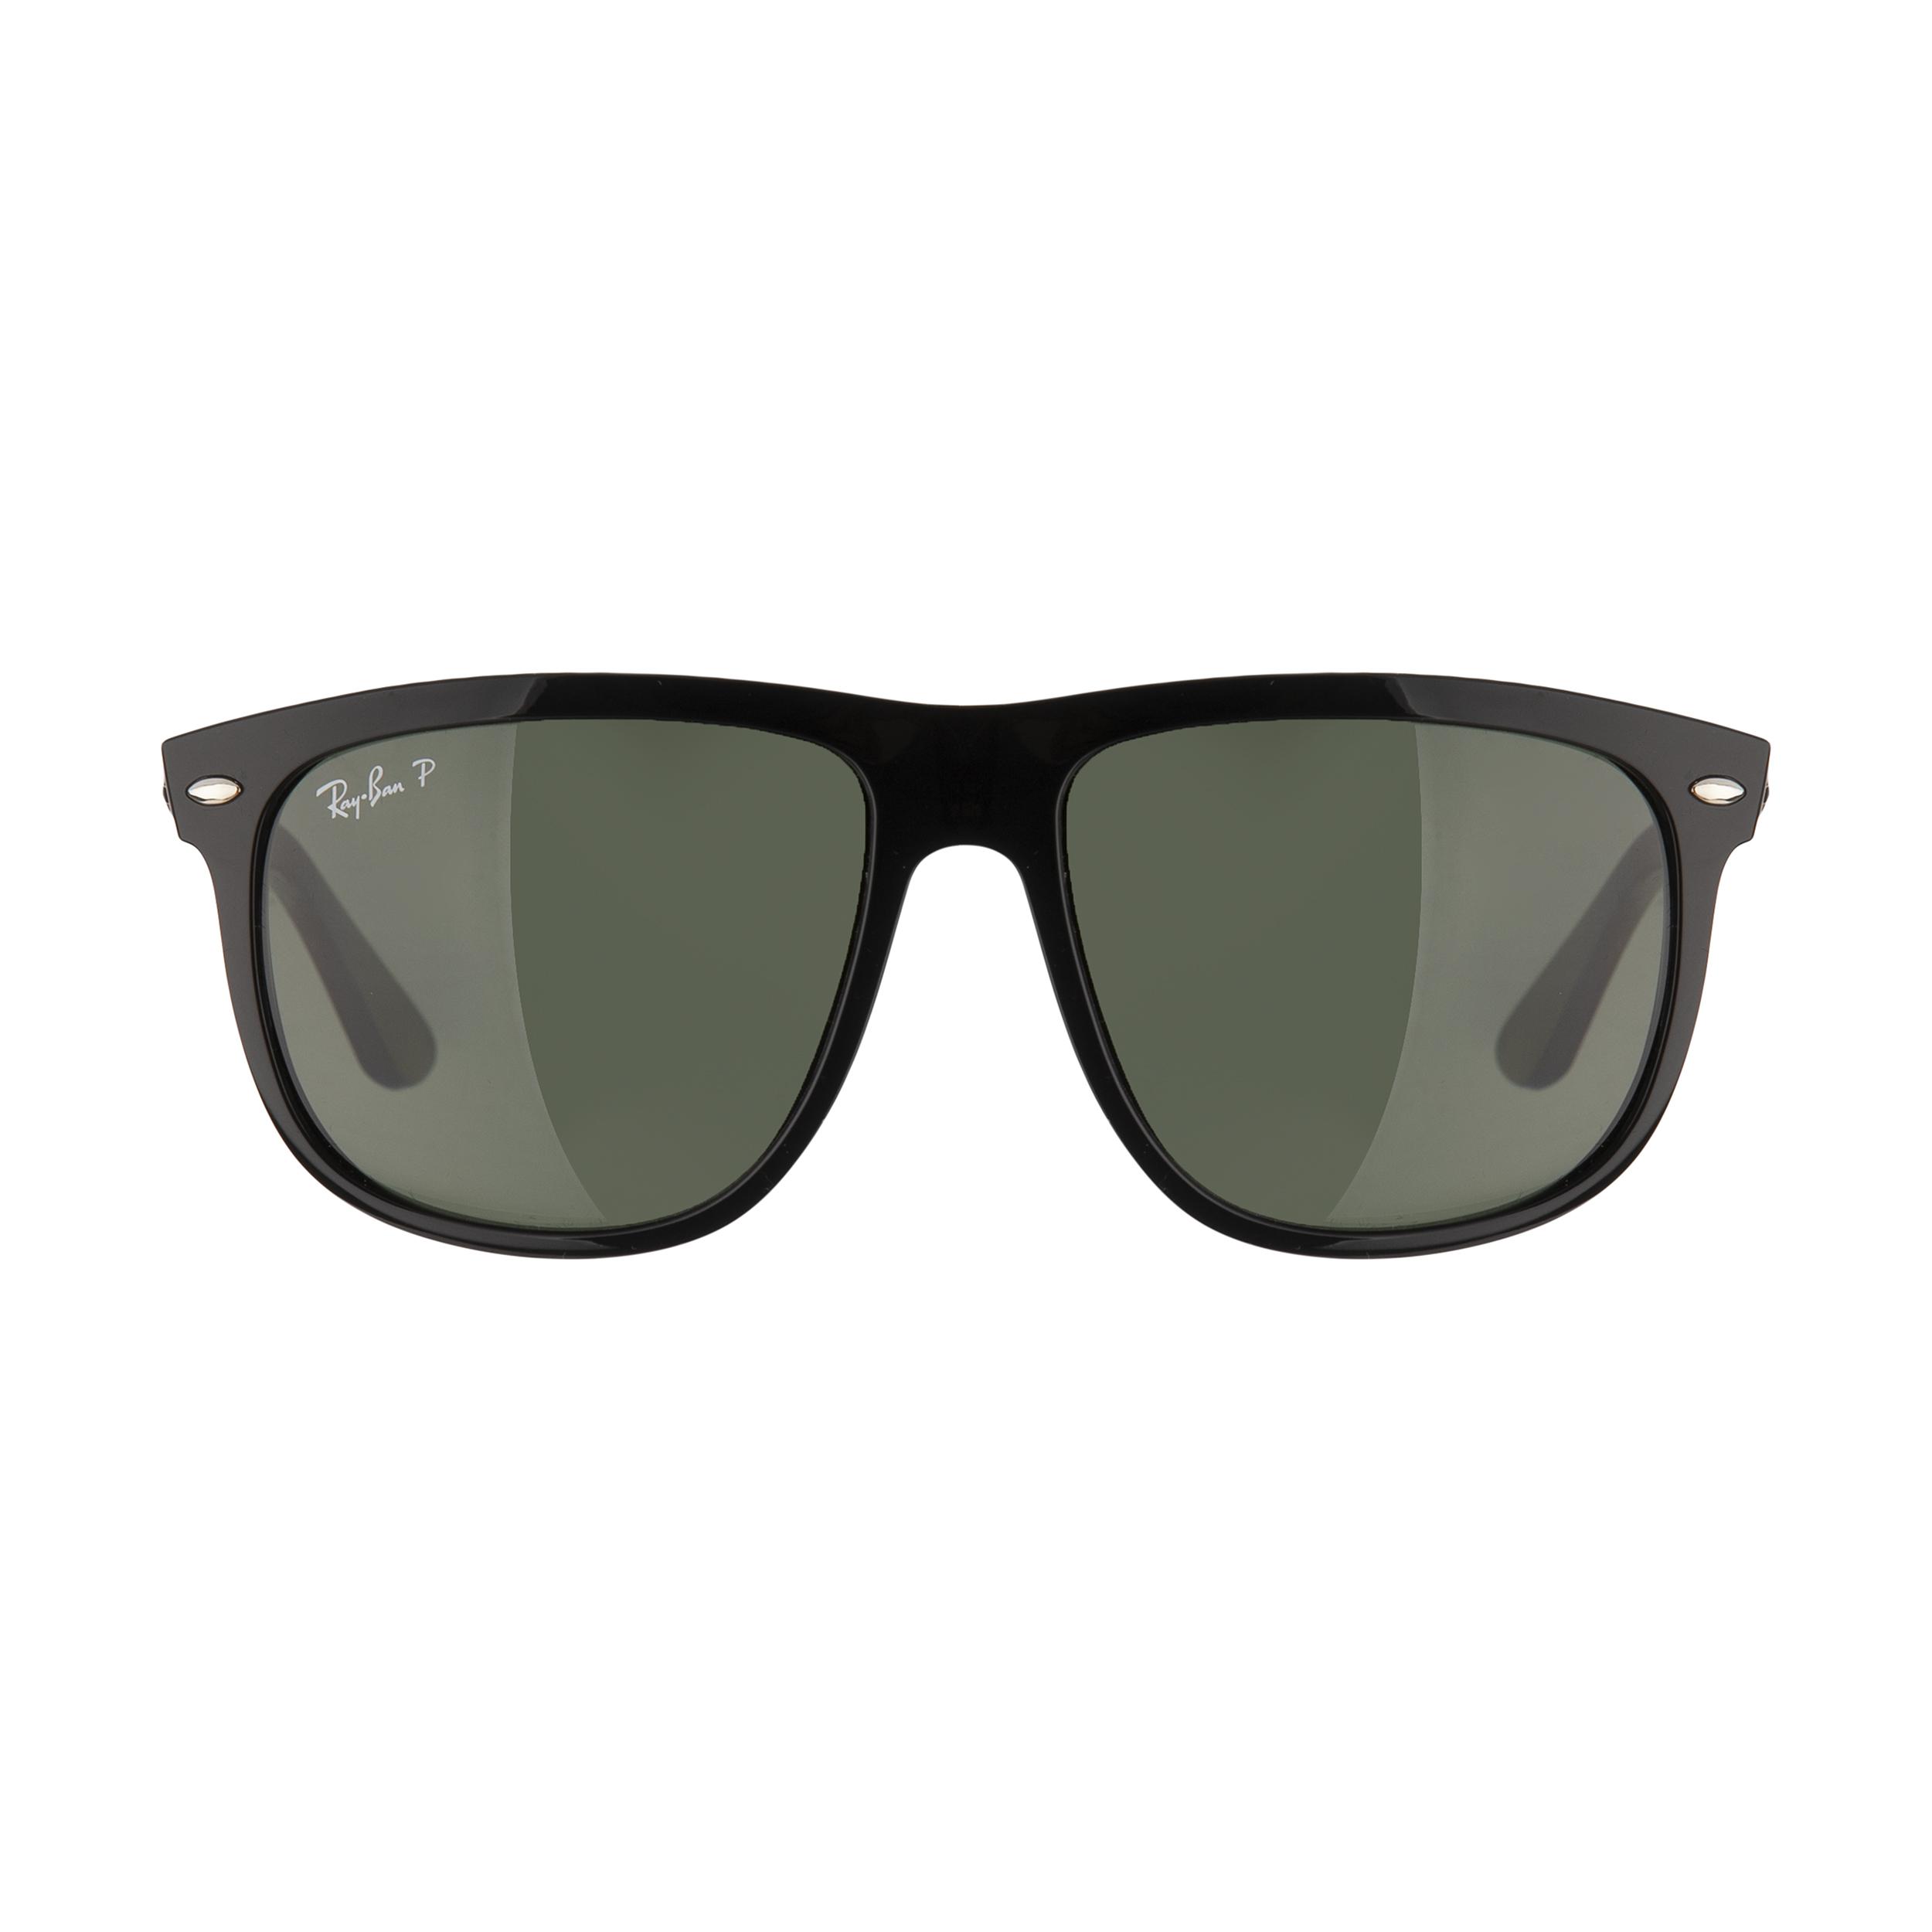 عینک آفتابی ری بن مدل RB4147S 60158 56